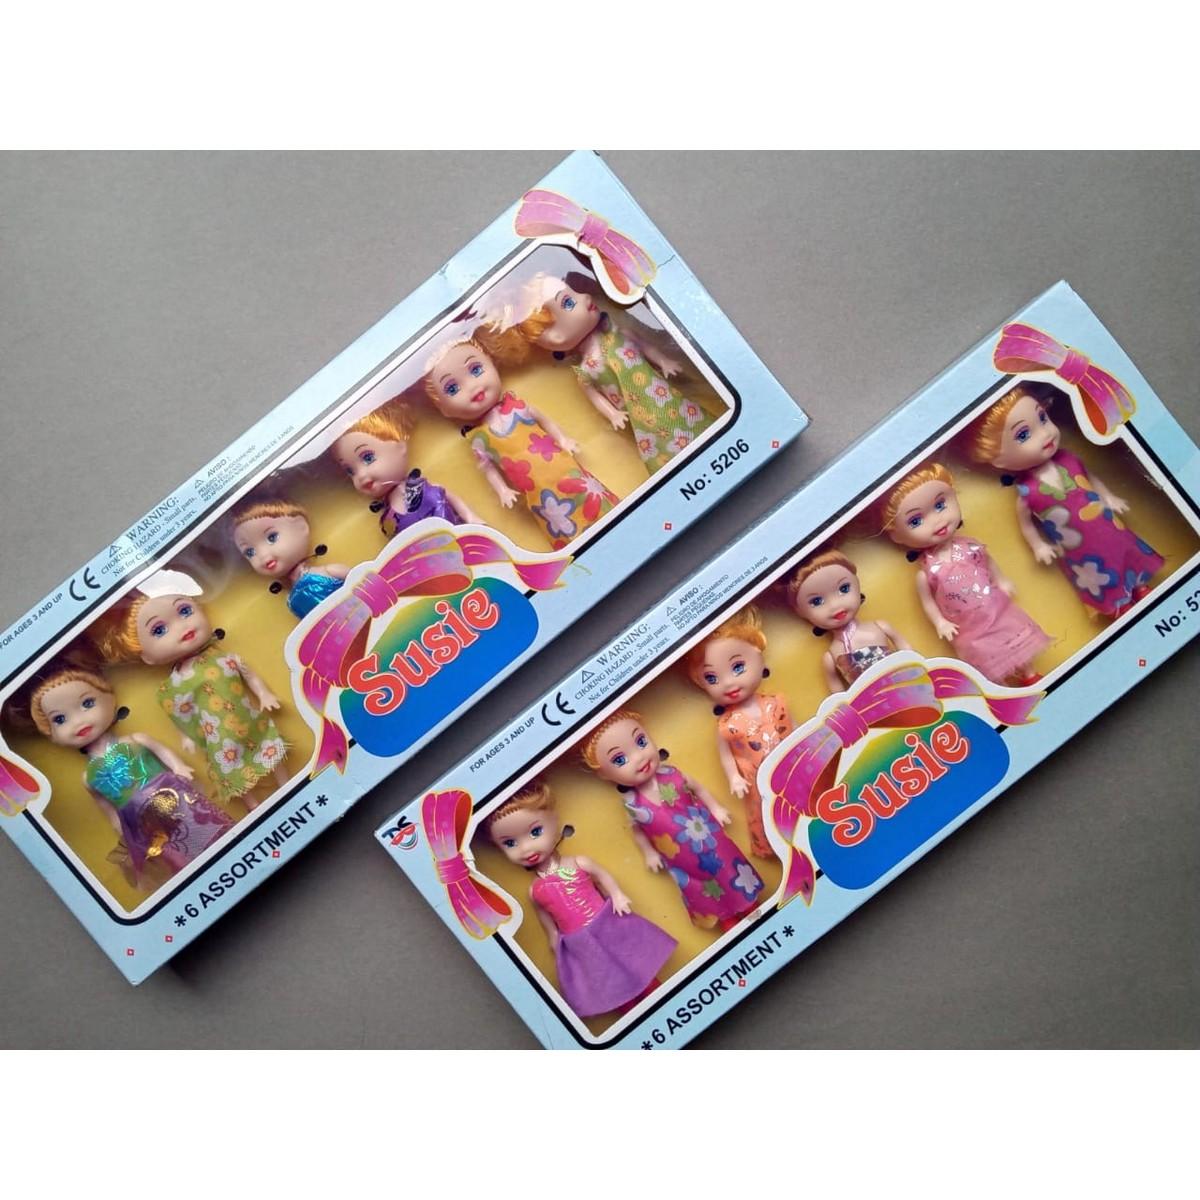 Barbie_Doll Set, Barbie_Doll Set For Girls, Barbie_Doll, Barbie_Dolls, Small Barbie_Dolls, Small_Barbies, Barbie_Doll Small, Barbie_Doll Family, Girls Toys, Girls Toys Barbie_Doll, Girls Toys Beautiful, Girls Toys Barbie_Set, Girls Toys Baby, Baby_Barbie